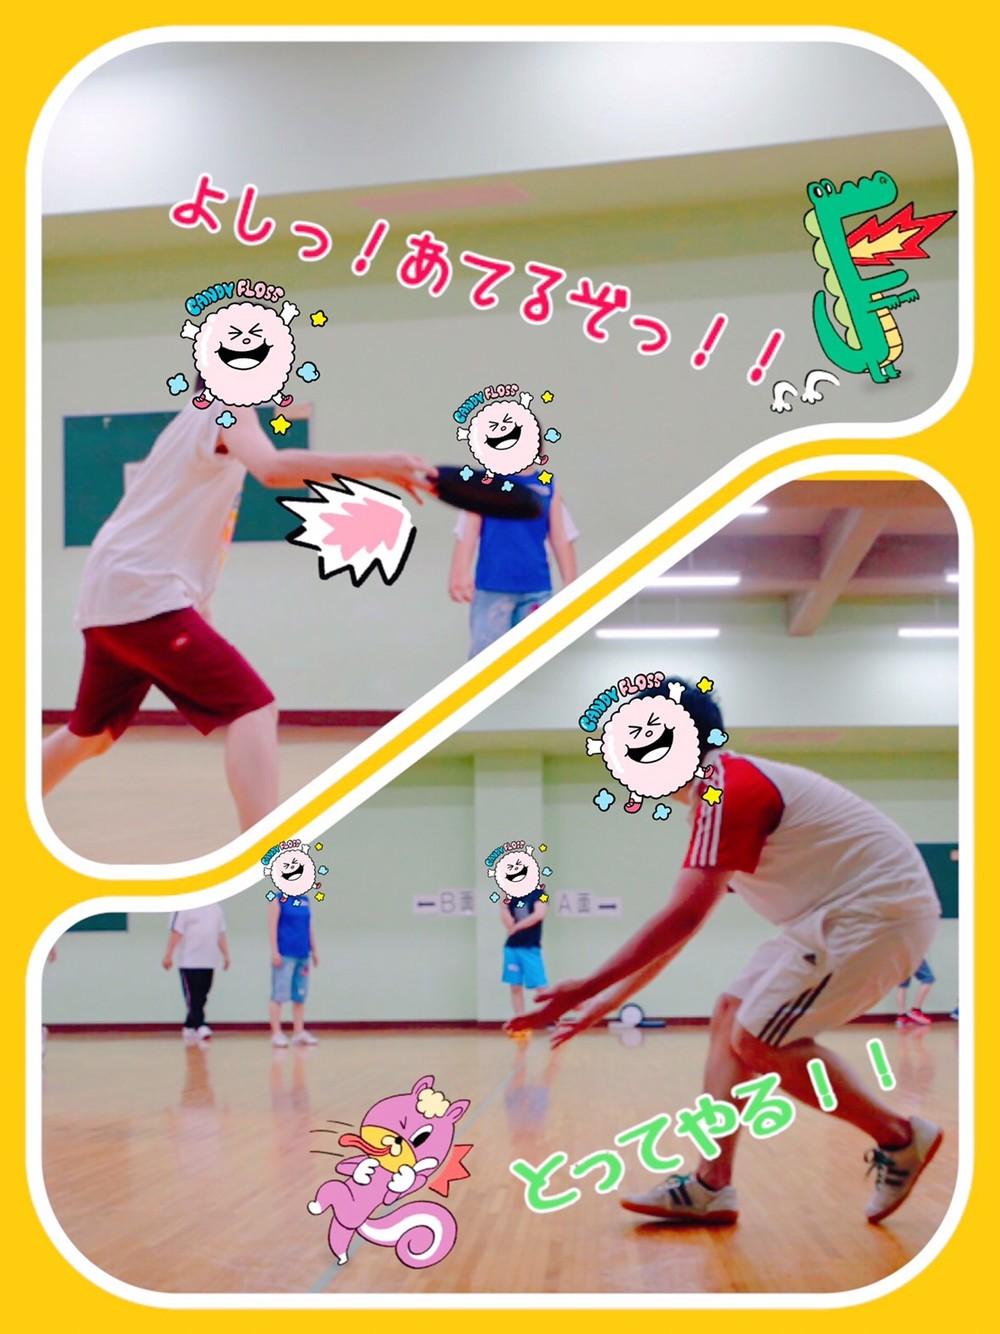 【未経験大歓迎】ドッヂビー!!!…第33回